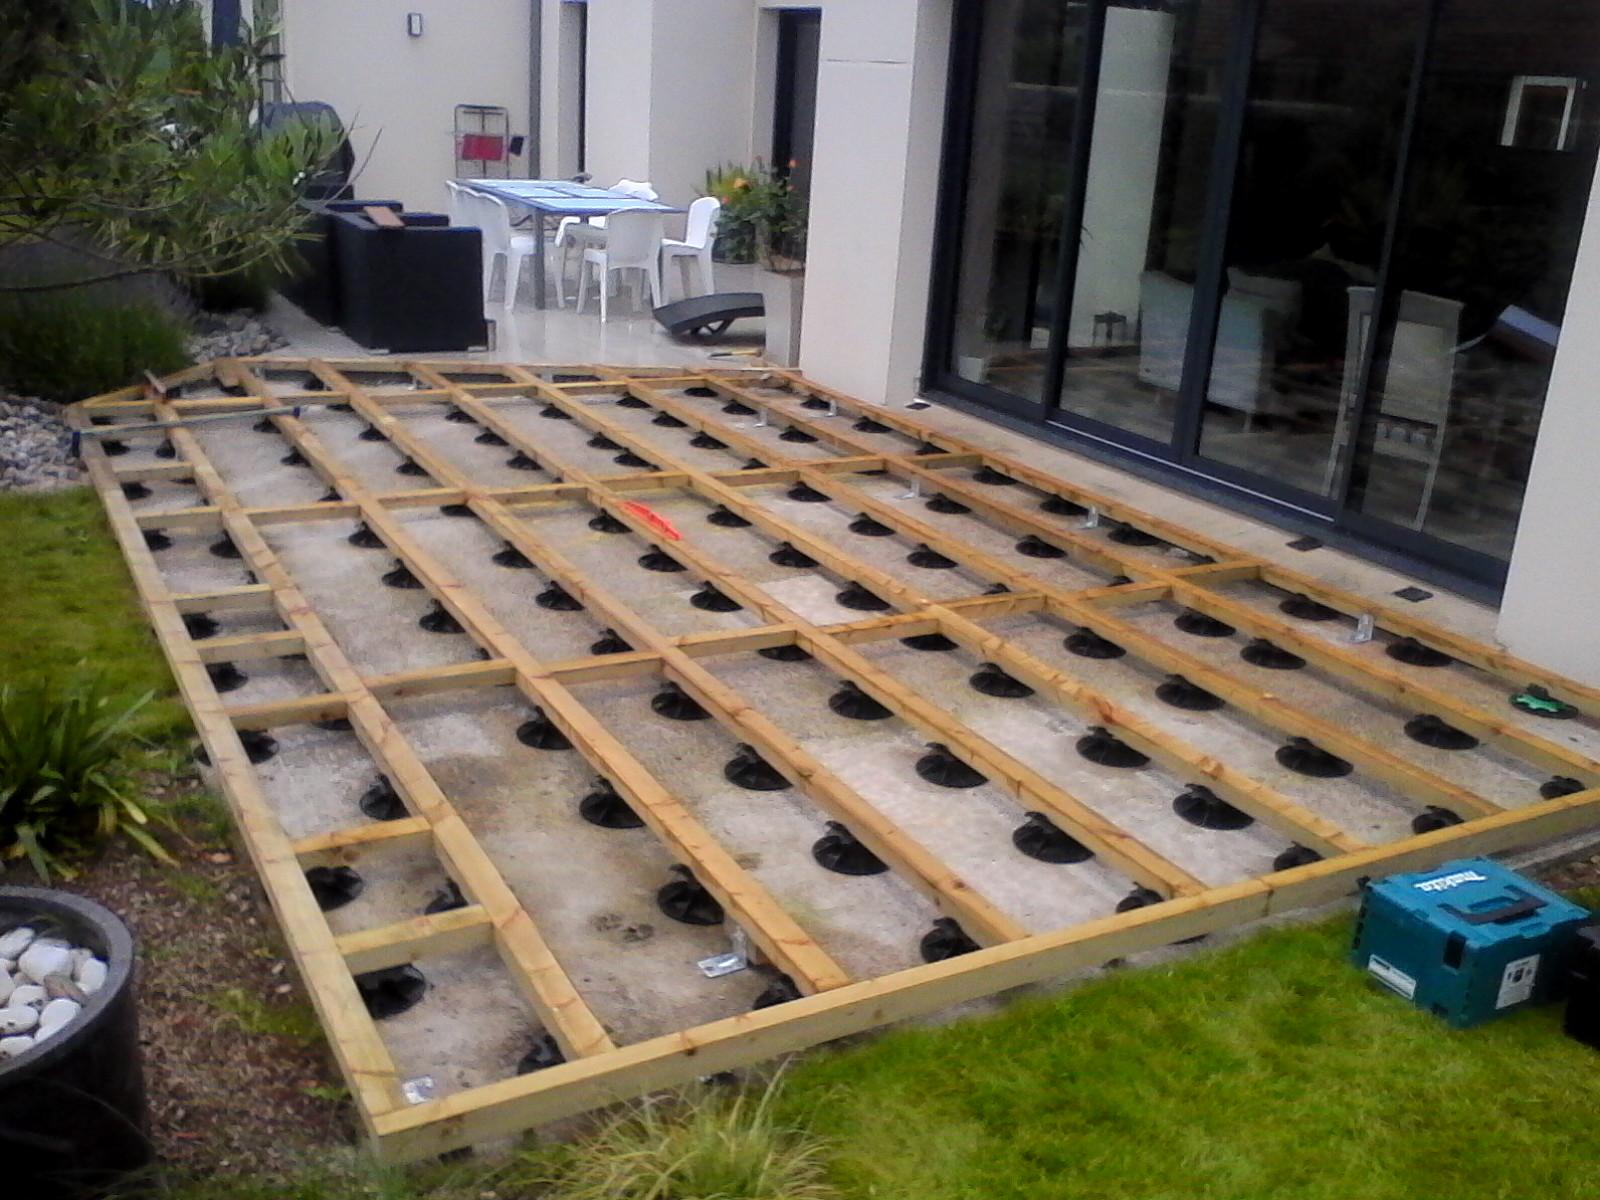 Construction terrasse bois sur plot jardin - Maison bois sur plots ...